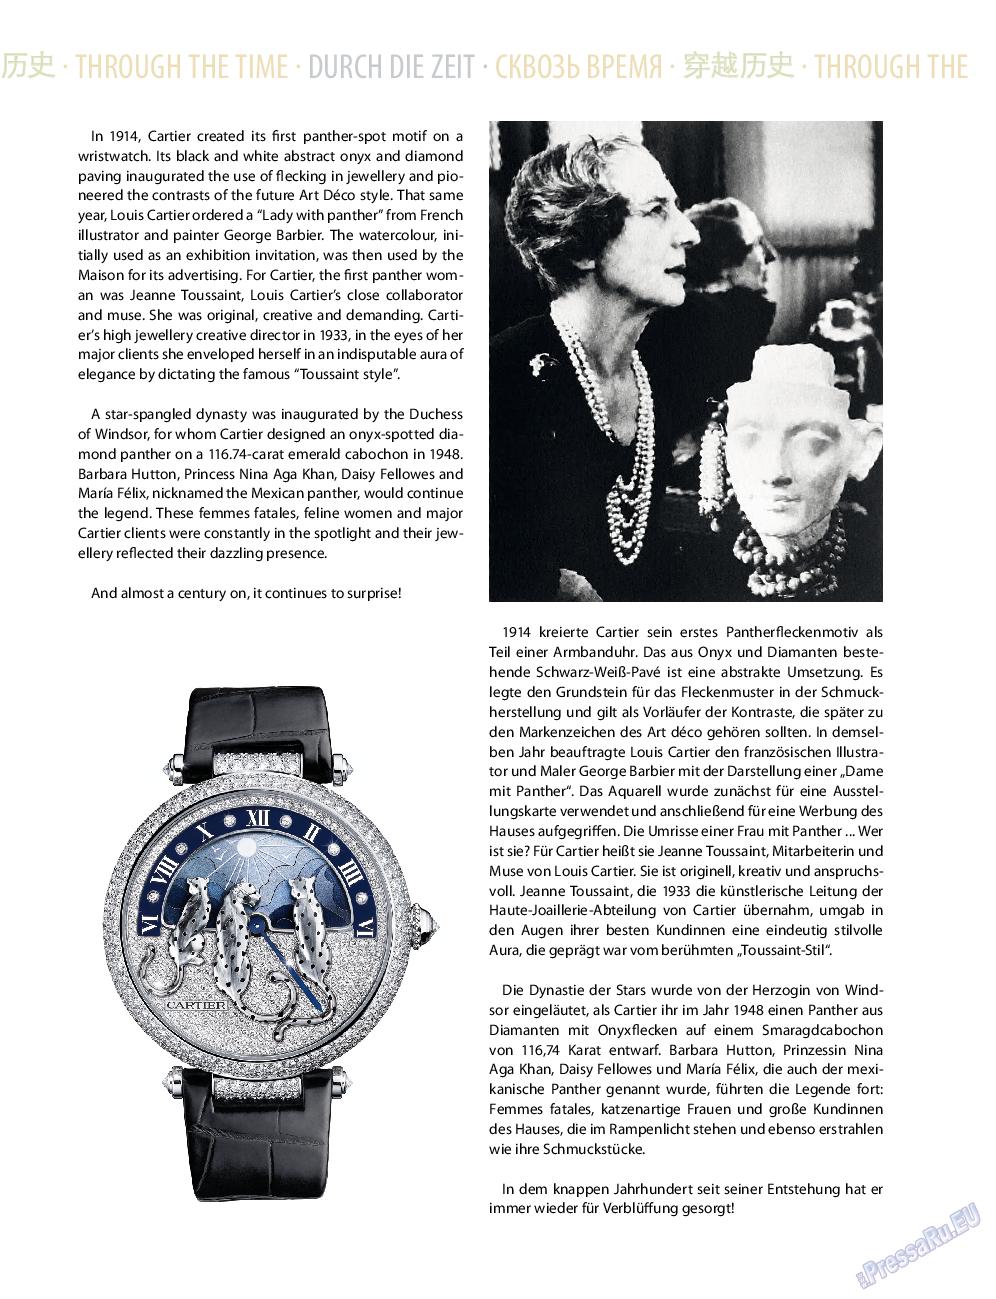 Клан (журнал). 2015 год, номер 8, стр. 118